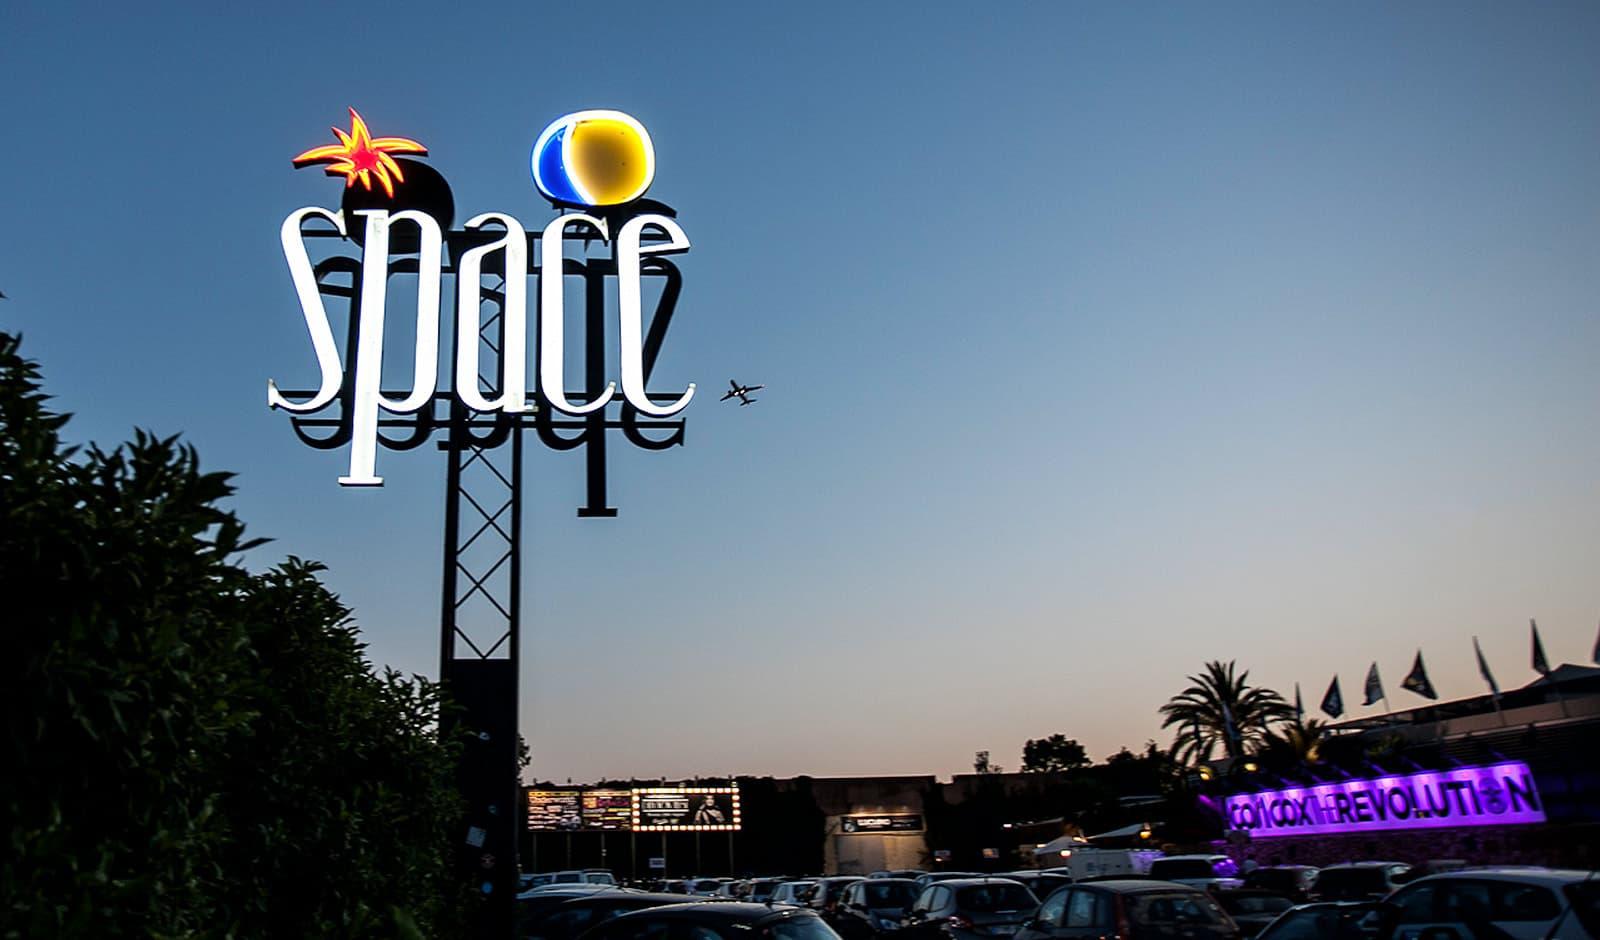 Space Ibiza reabrirá sus puertas antes de 2022